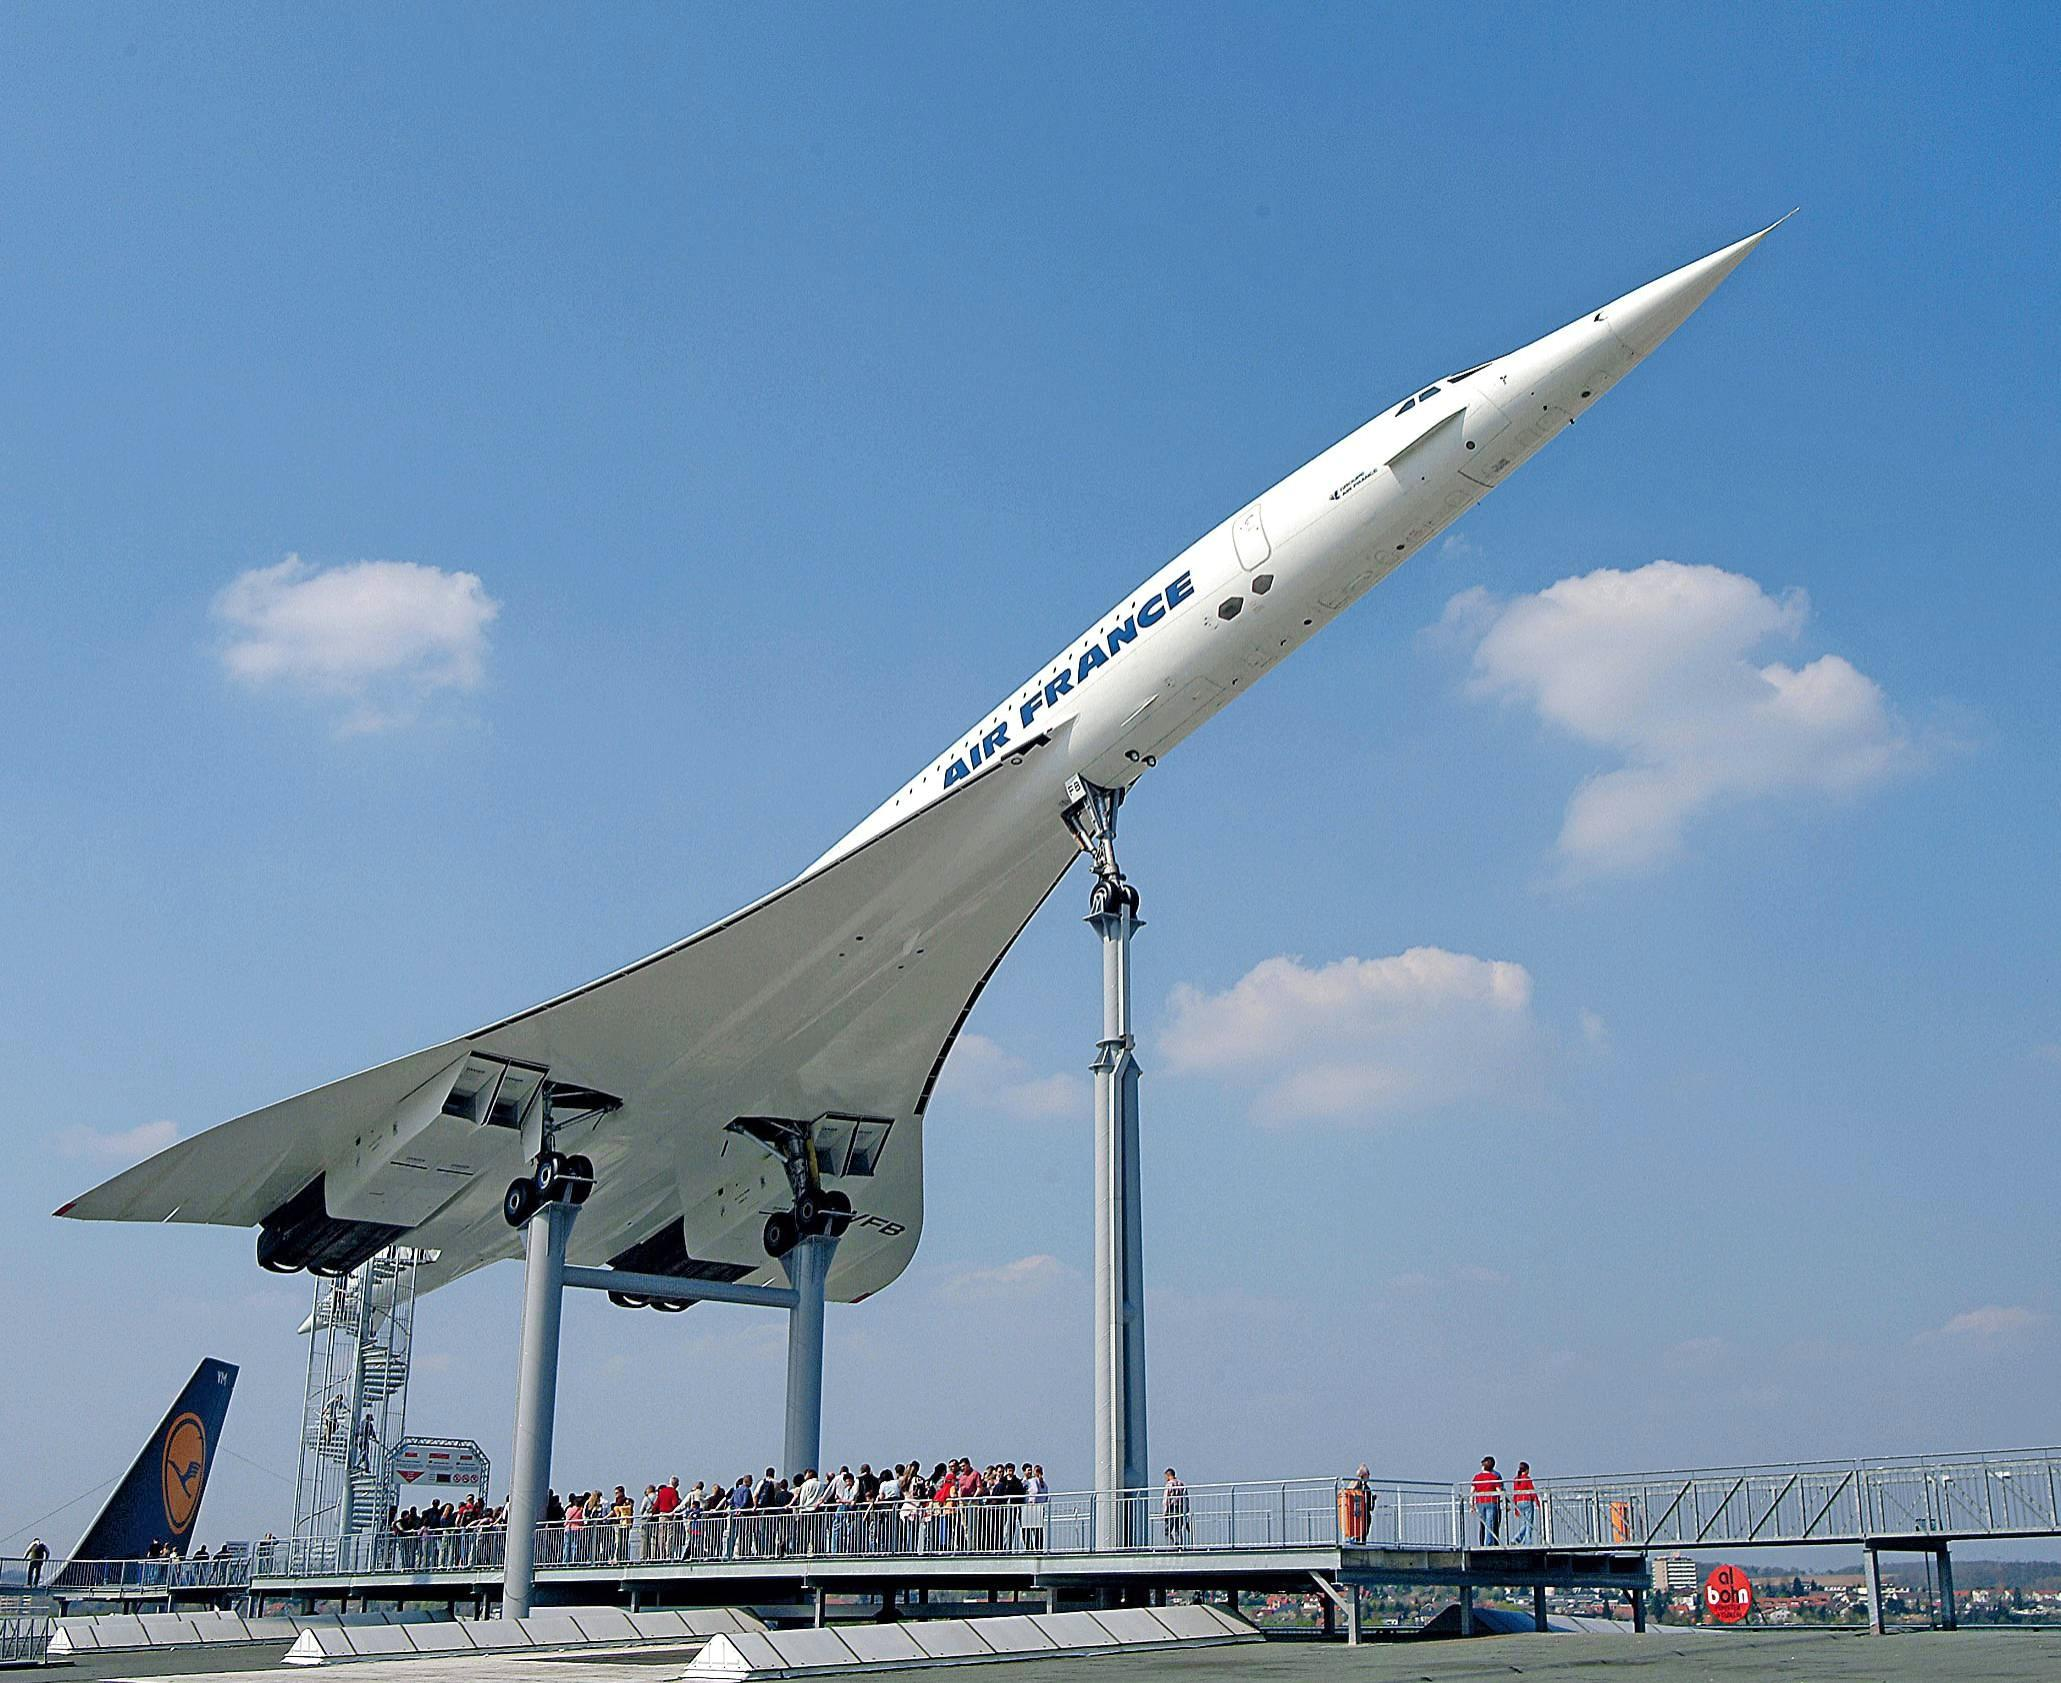 Das legendäre Überschall-Flugzeug Concorde kann im Sinsheimer Technik-Museum auch von innen besichtigt werden. Foto: privat